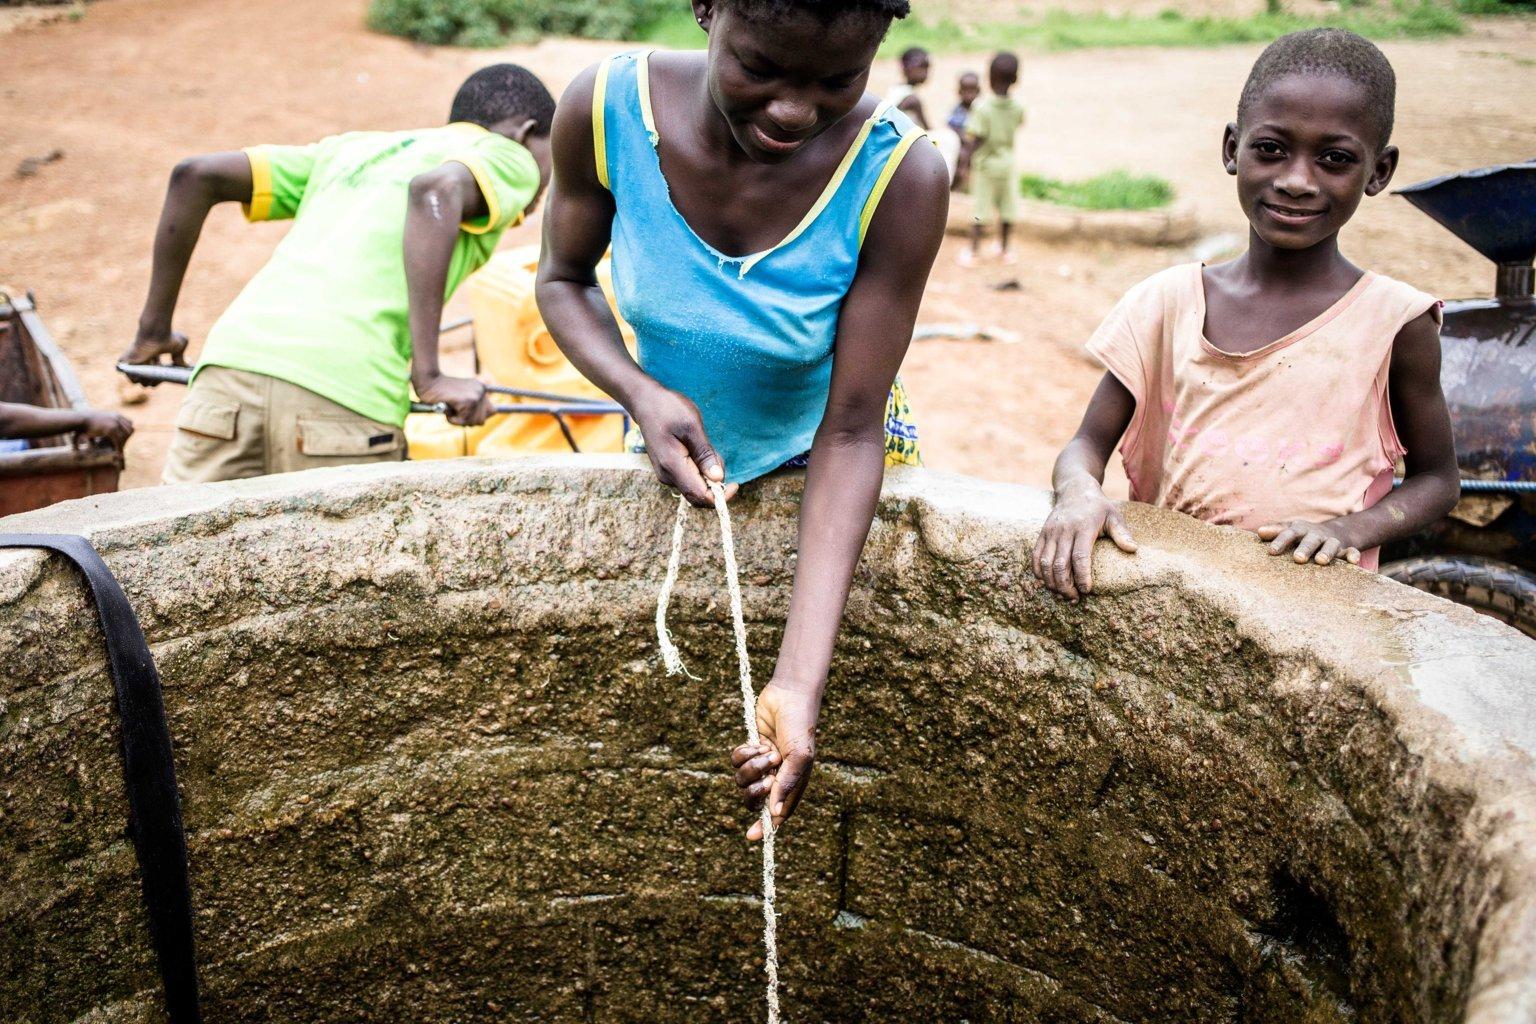 La terra, le persone, il futuro: la microfinanza per le risicoltrici in Burkina Faso